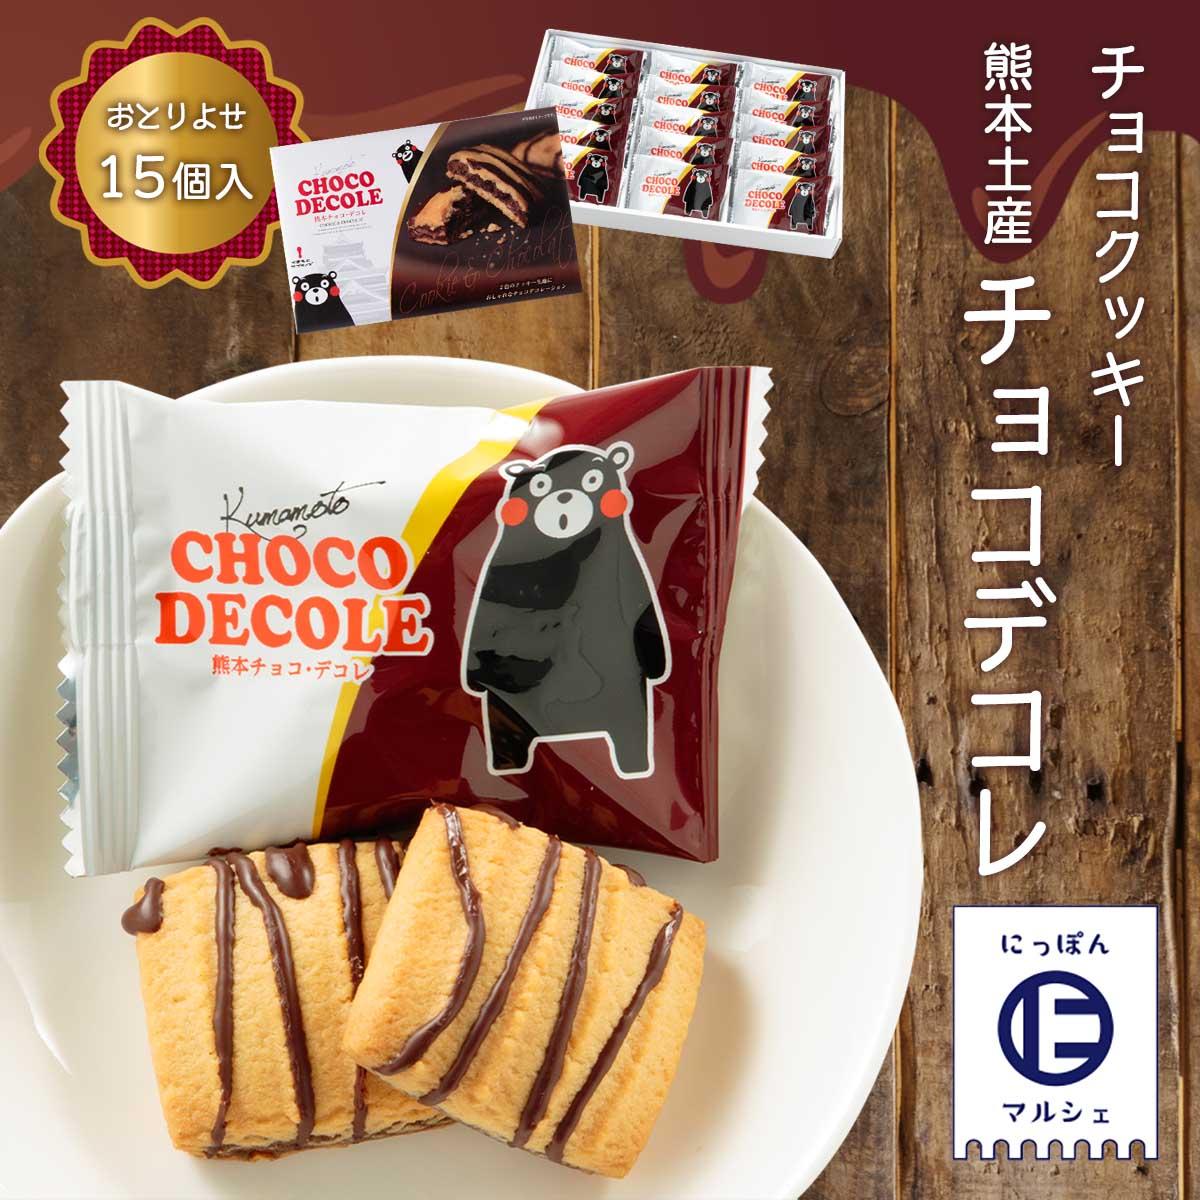 クッキーとチョコレートがしっかりとマッチしており お買得 ザクッとした食感が病みつきになります 九州 期間限定お試し価格 熊本 お菓子 お土産 阿蘇 木村 お取り寄せ チョコデコレ チョコクッキー 15個 くまモン 熊本土産